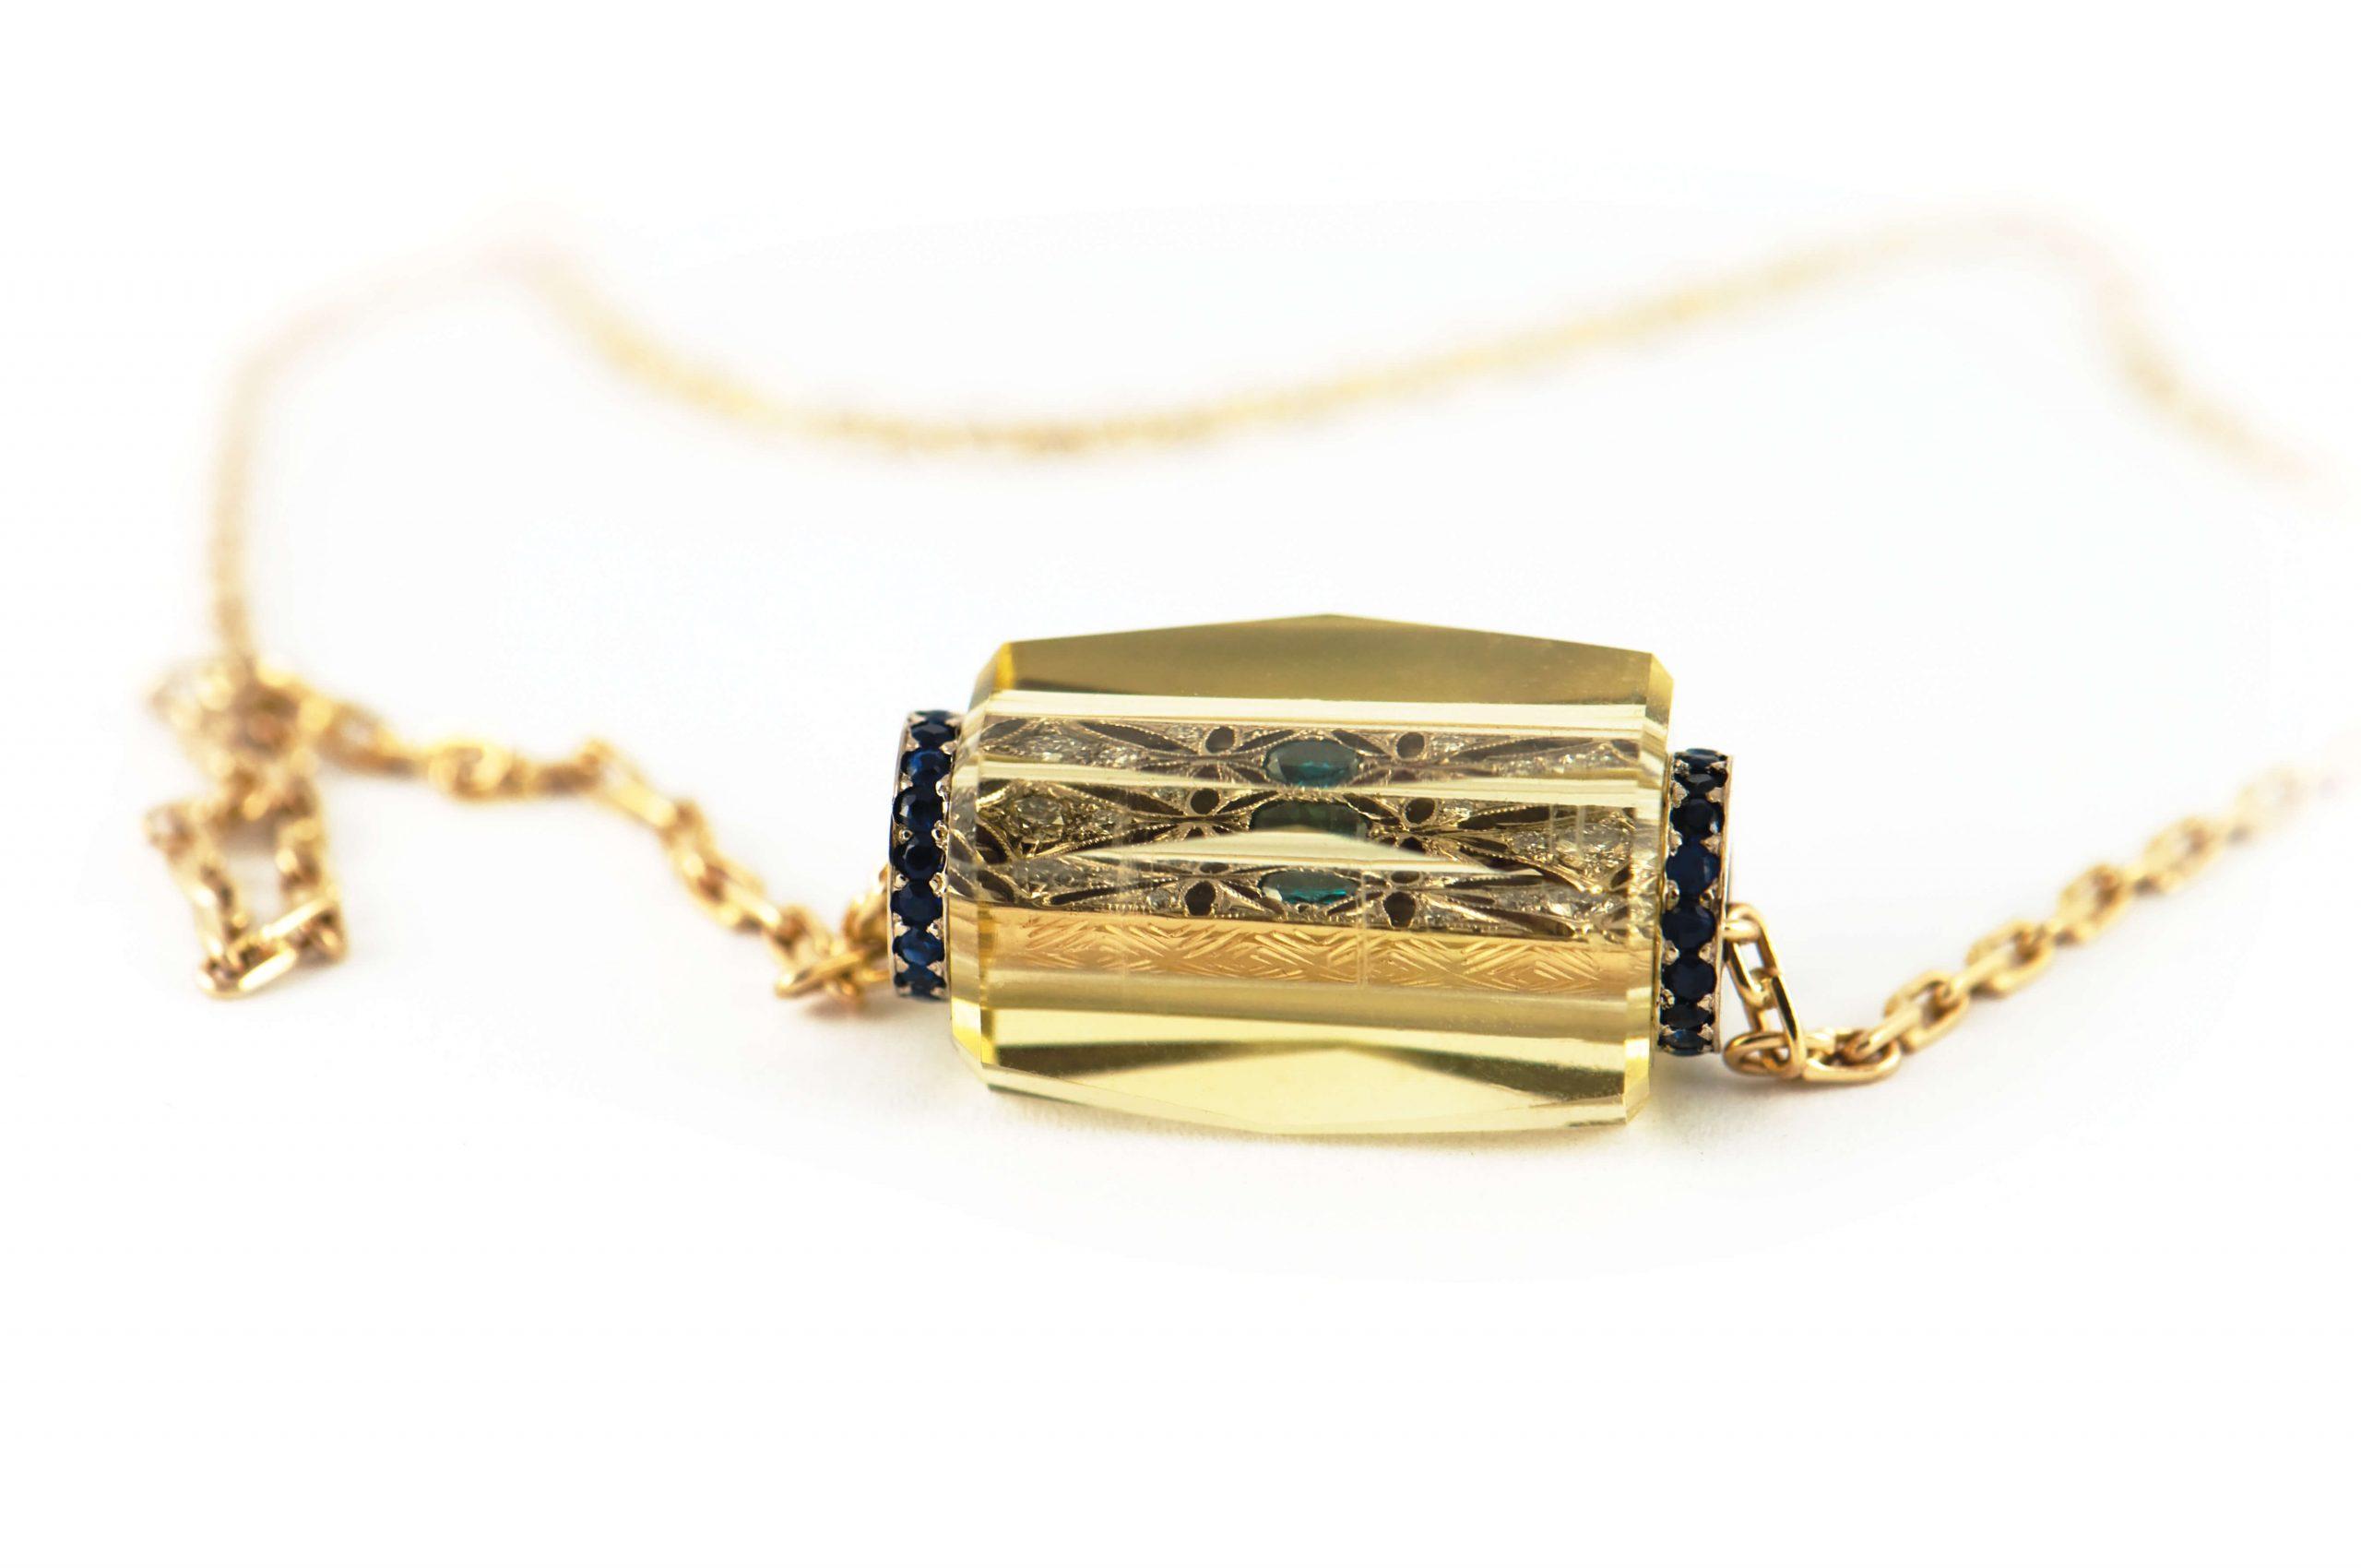 Naszyjnik Au585, biaąe i ĺĘąte ząoto, cytryn, szafiry, diamenty, II miejsce w konkursie Ząoto i srebro w rzemioėle 2016 (1)_RGB (1)